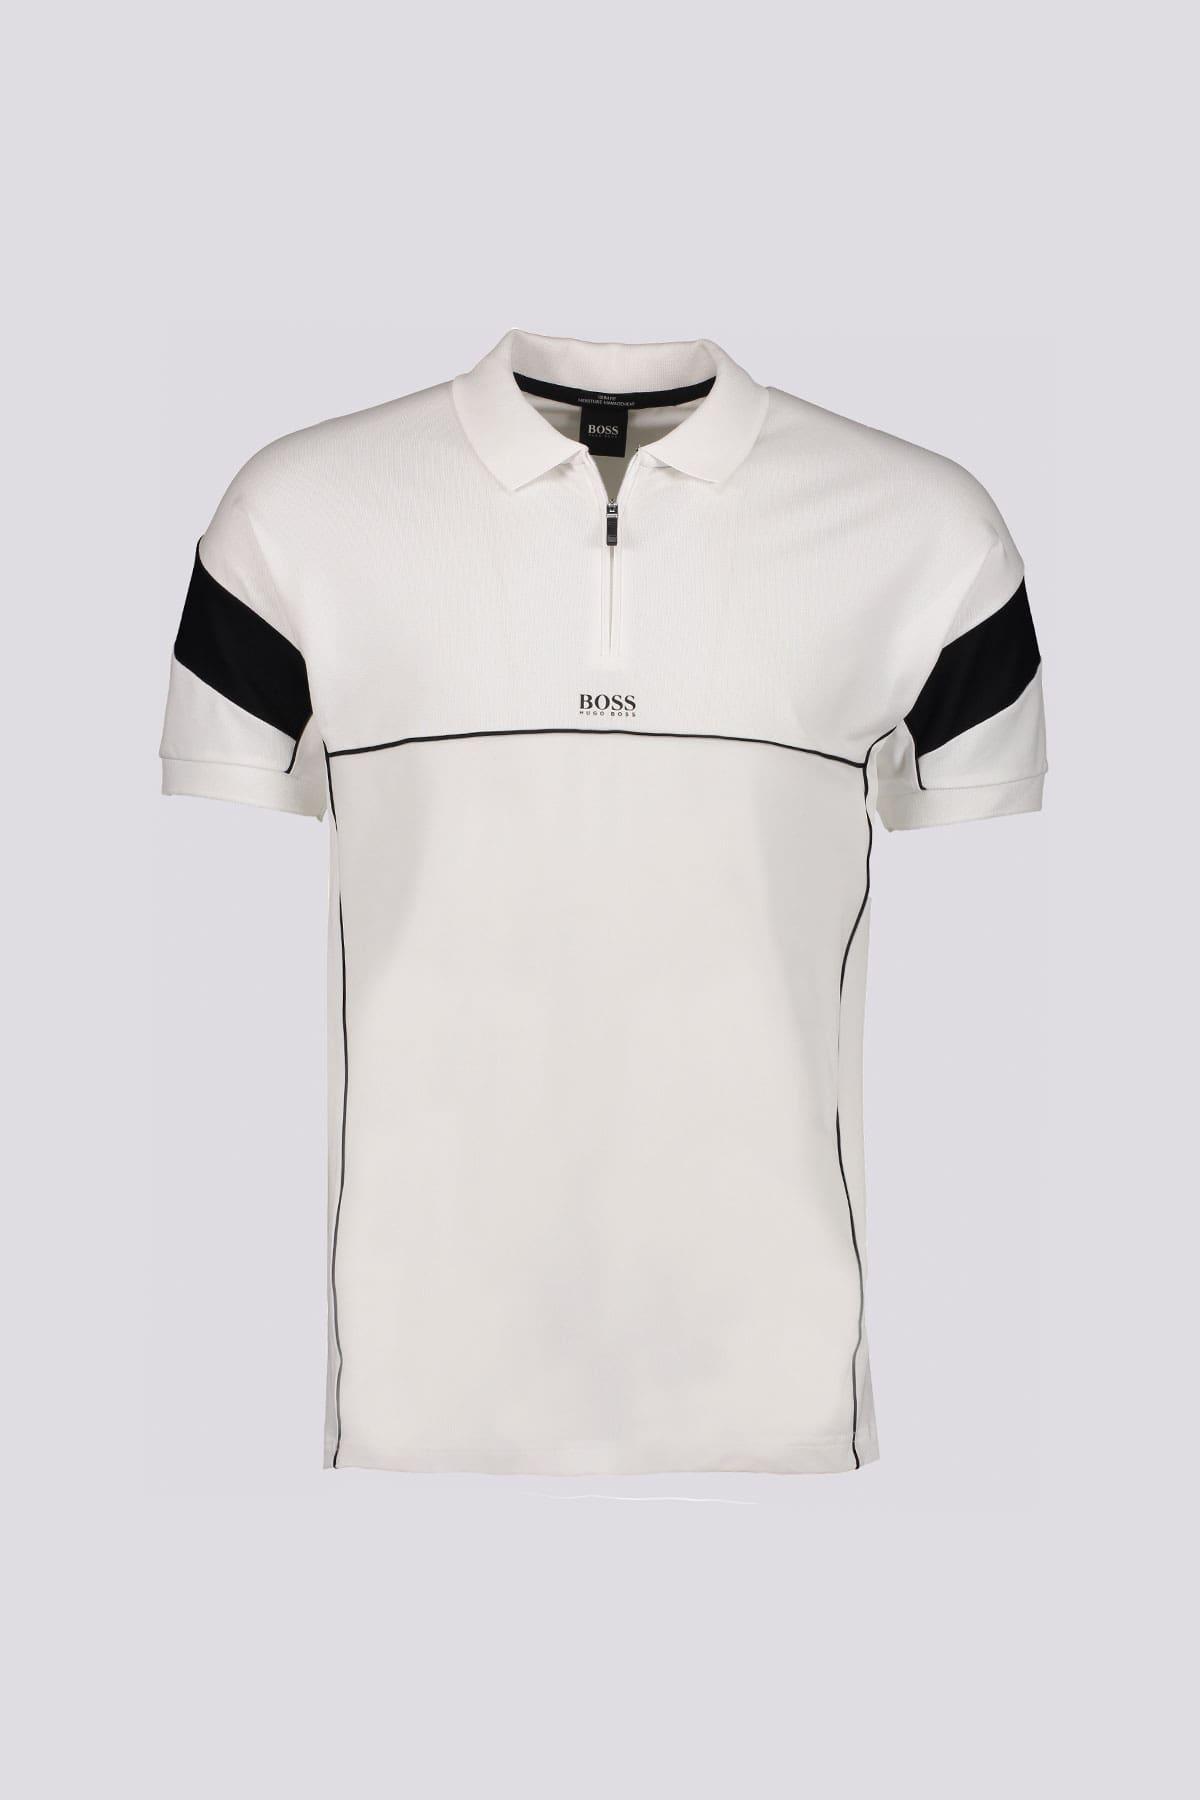 Polo slim fit marca BOSS color blanca con cuello con cremallera